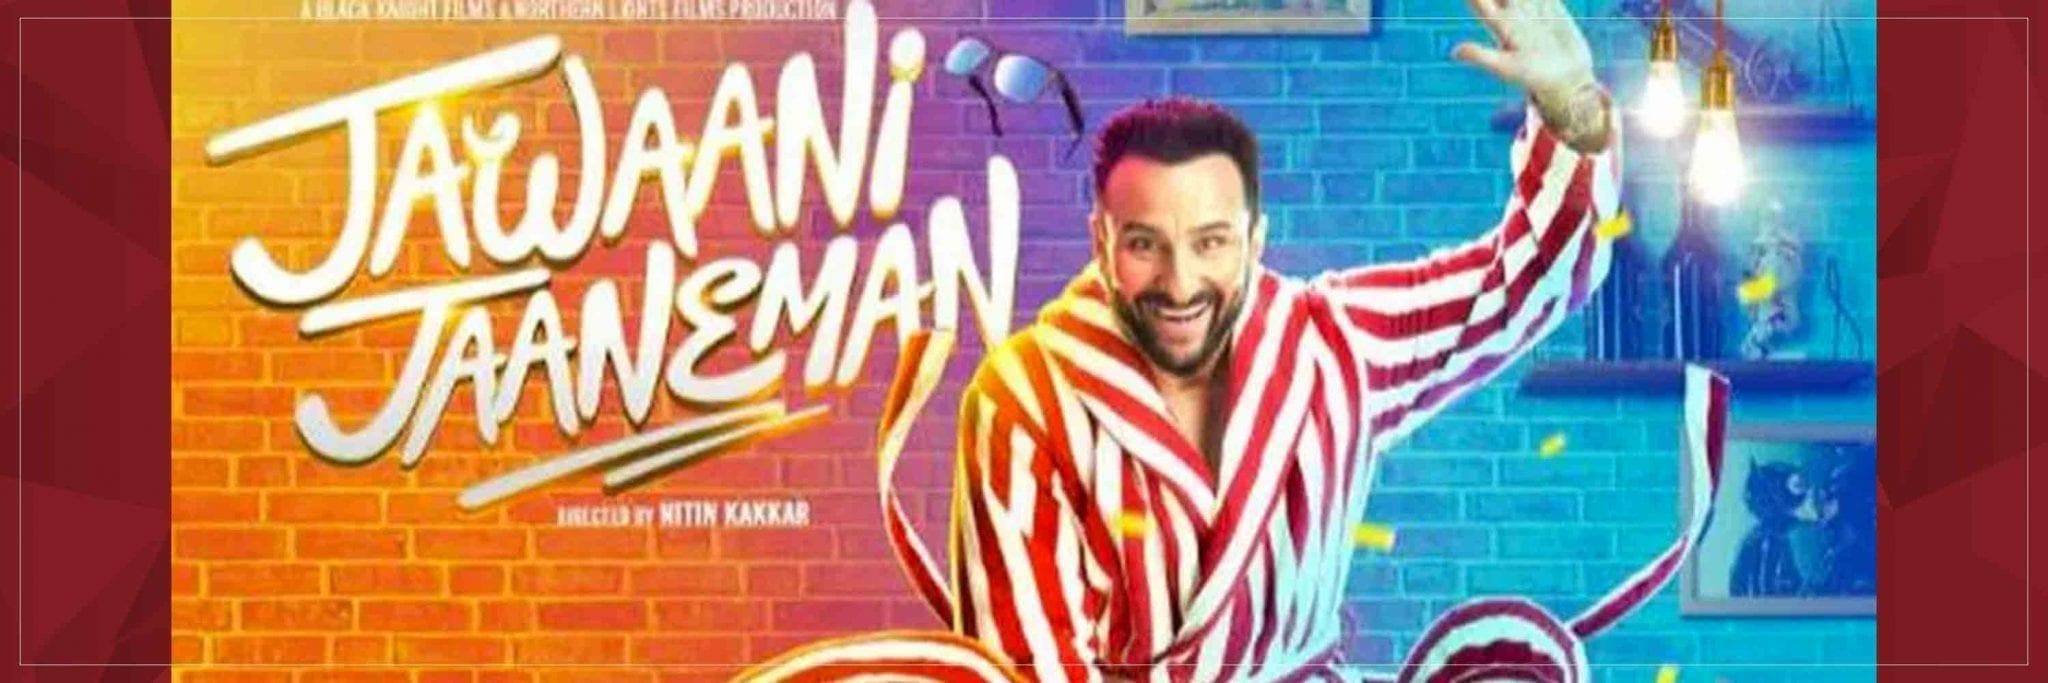 Jawaani-Jaaneman